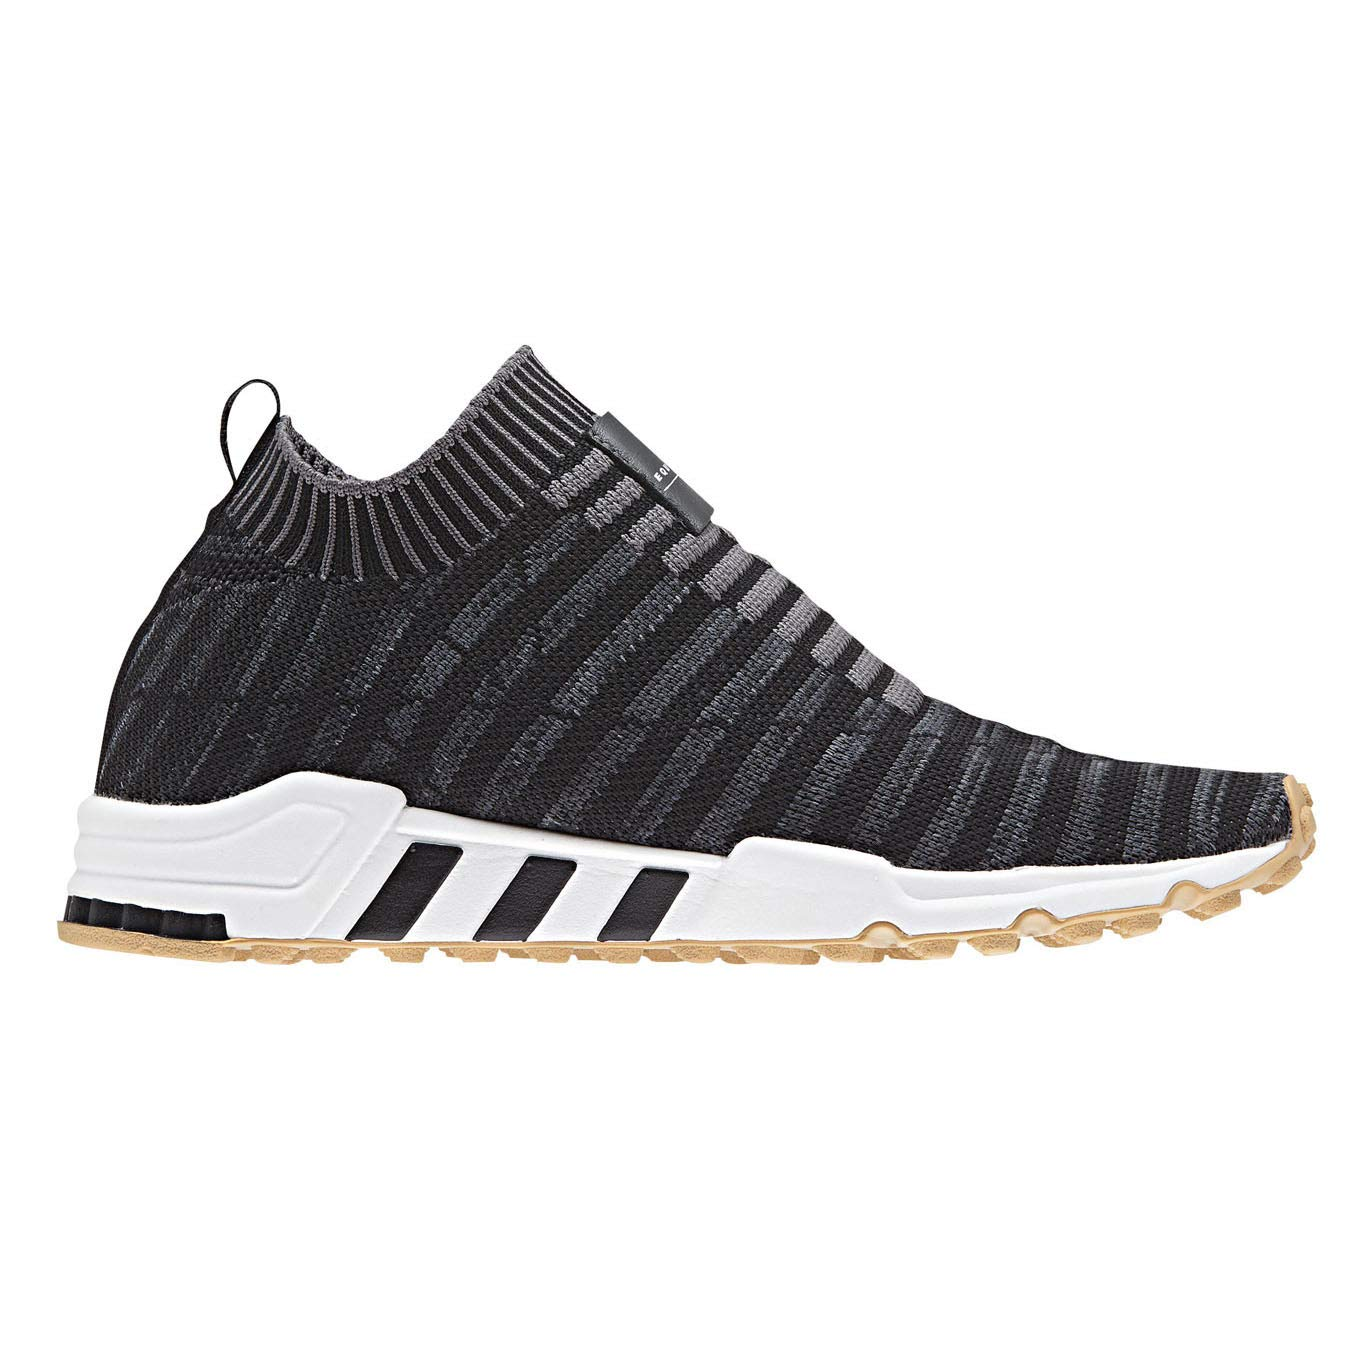 1748c182d6e Amazon.com | adidas Women Originals EQT Support Sock Primeknit Shoes B37536  | Shoes